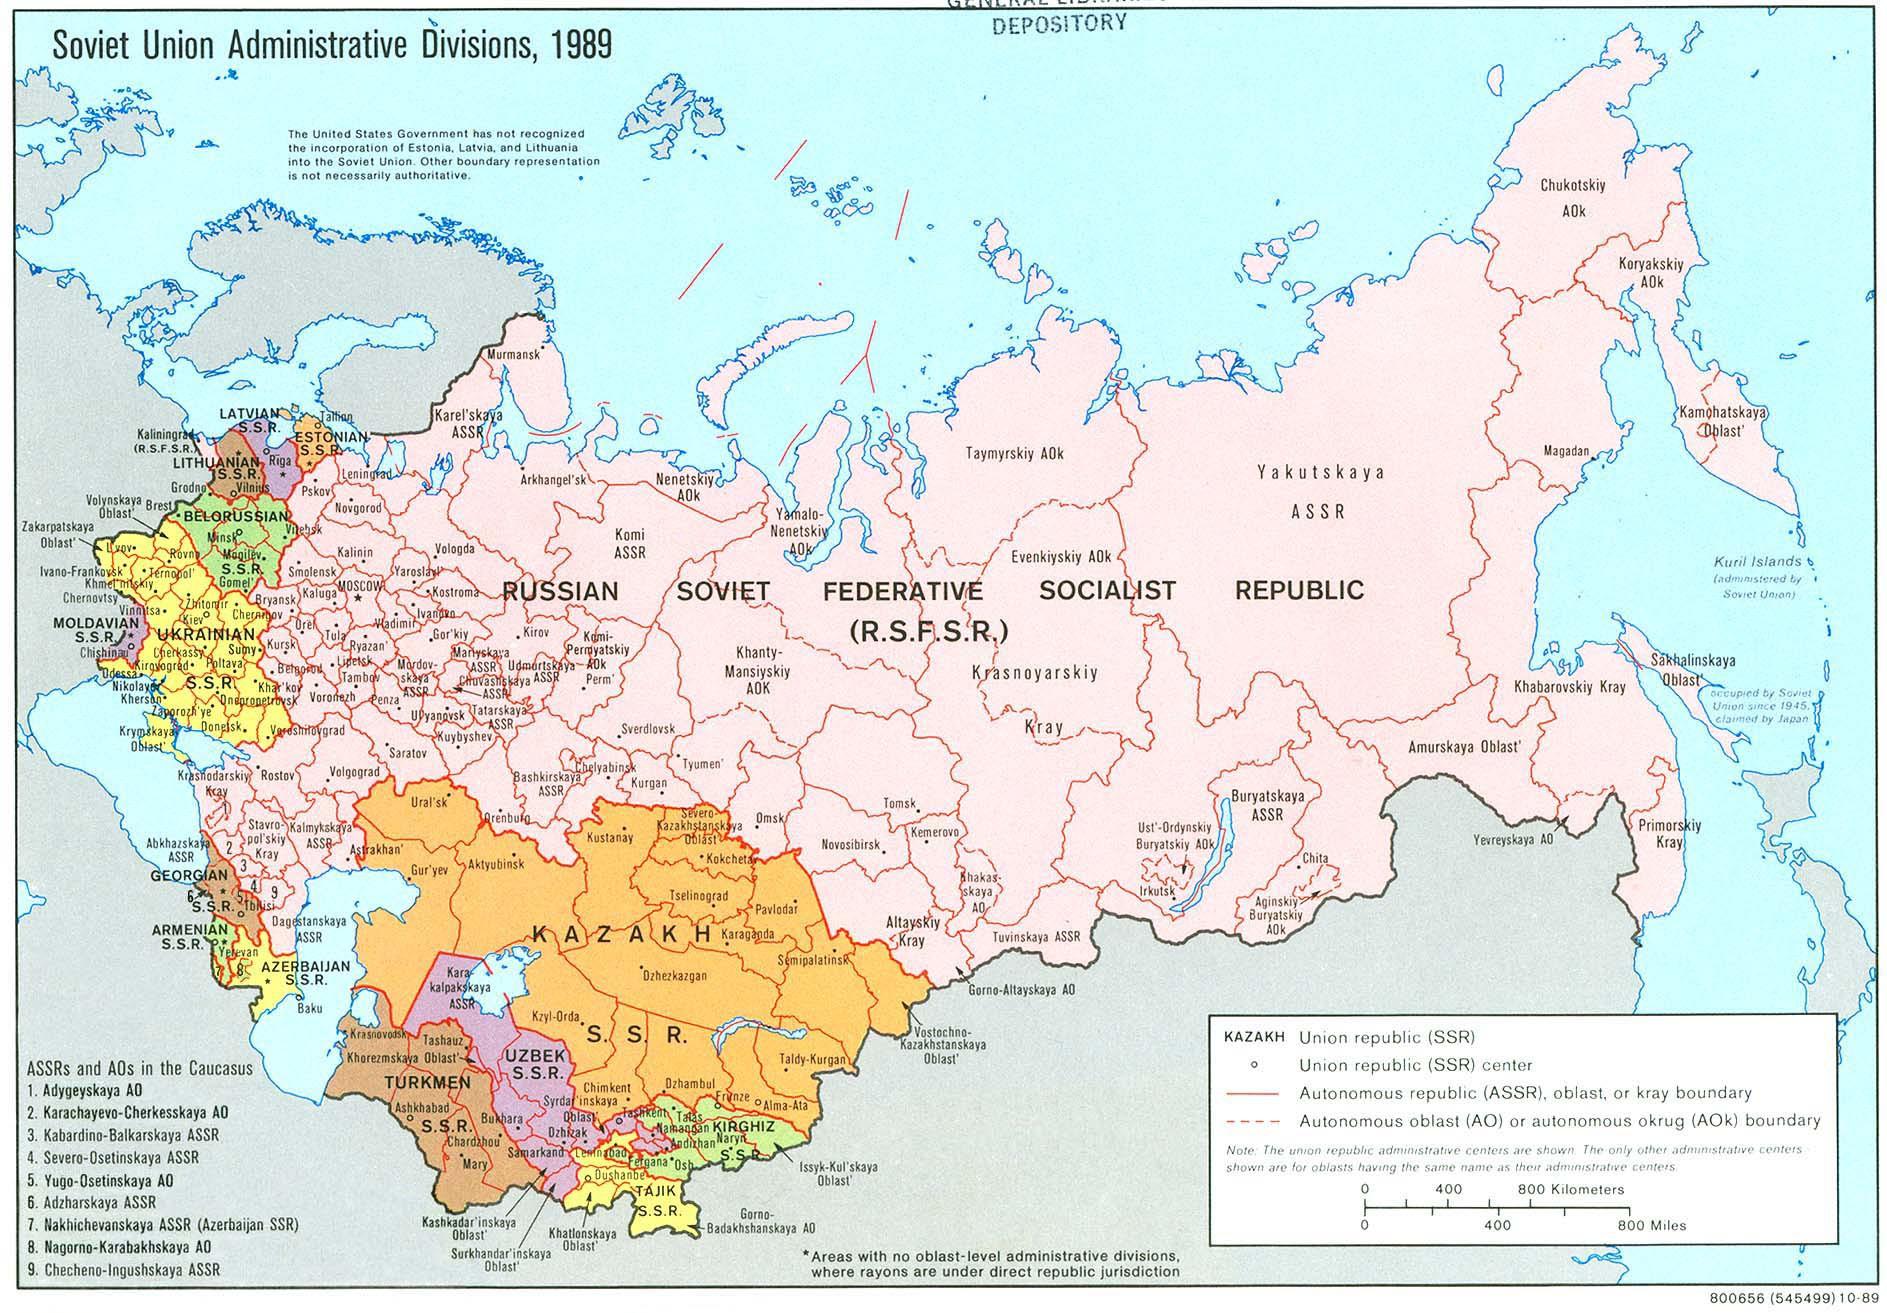 Tại sao Nga vứt bỏ 'toàn bộ Liên Xô' nhưng quyết không buông Chechnya?